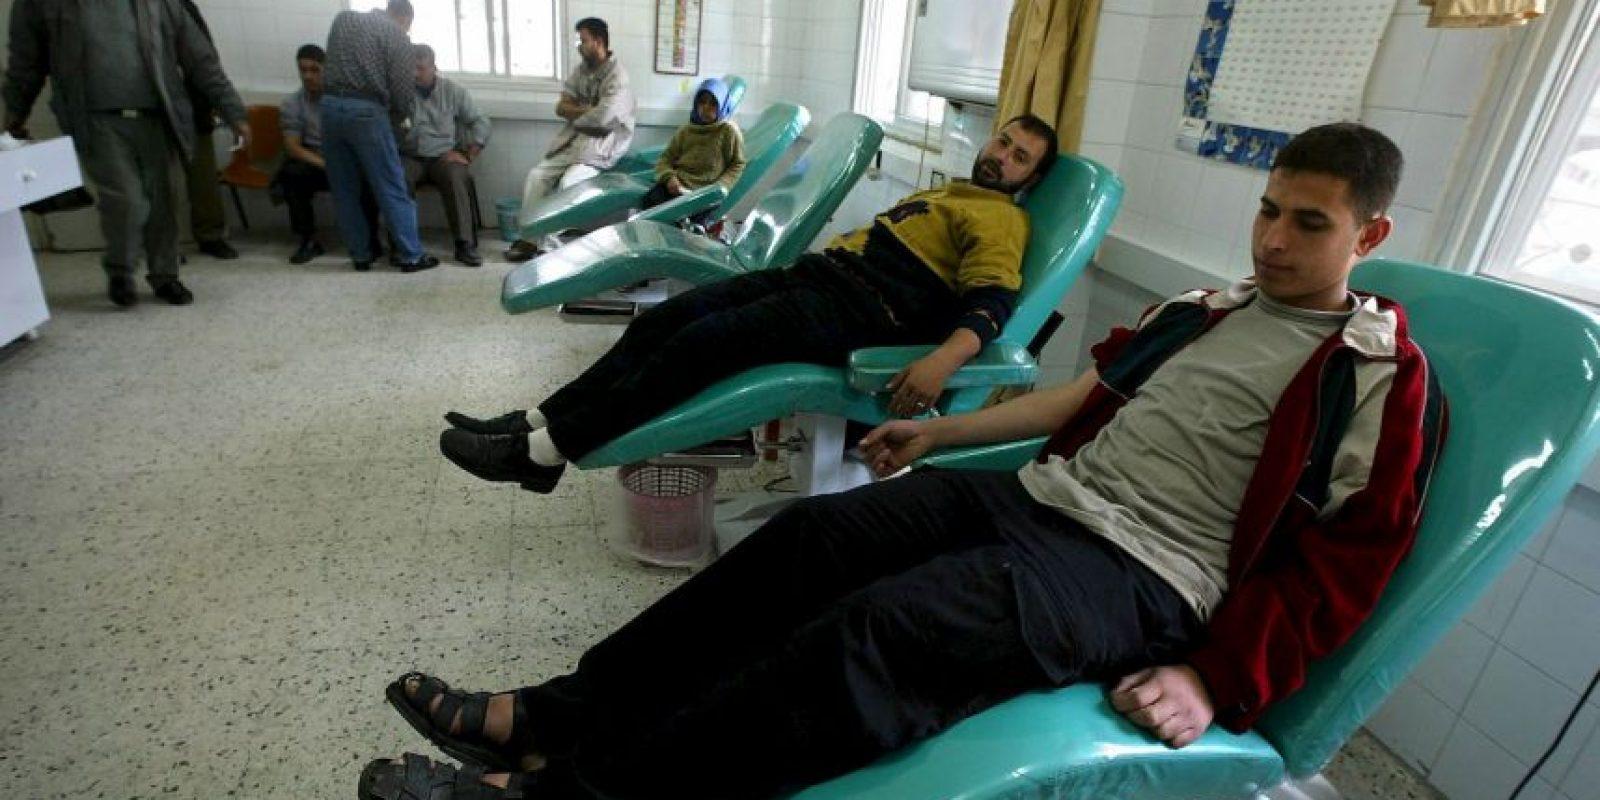 La campaña se centra en agradecer a los donantes sus donaciones, que permiten salvar muchas vidas humanas Foto:Getty Images